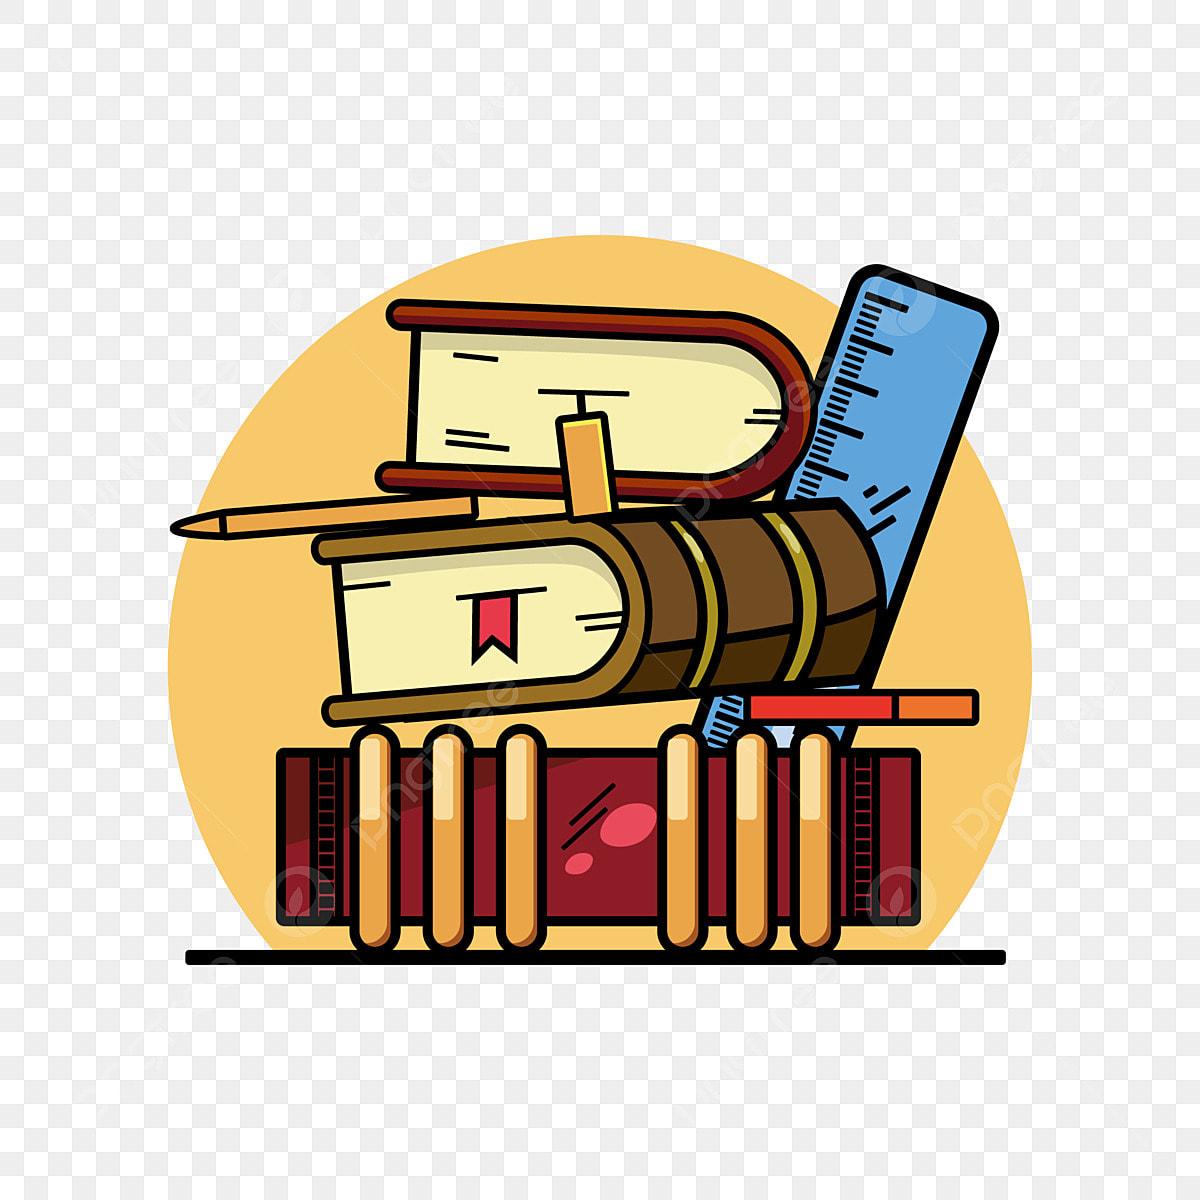 Alat Tulis Pengarah Kartun Corak Hiasan Buku Penguasa